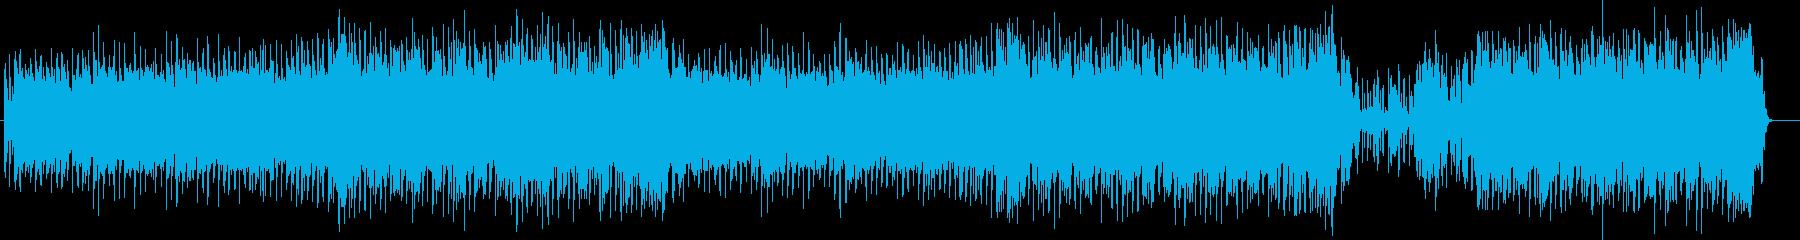 夏 熱く爽やかなフュージョンロックの再生済みの波形